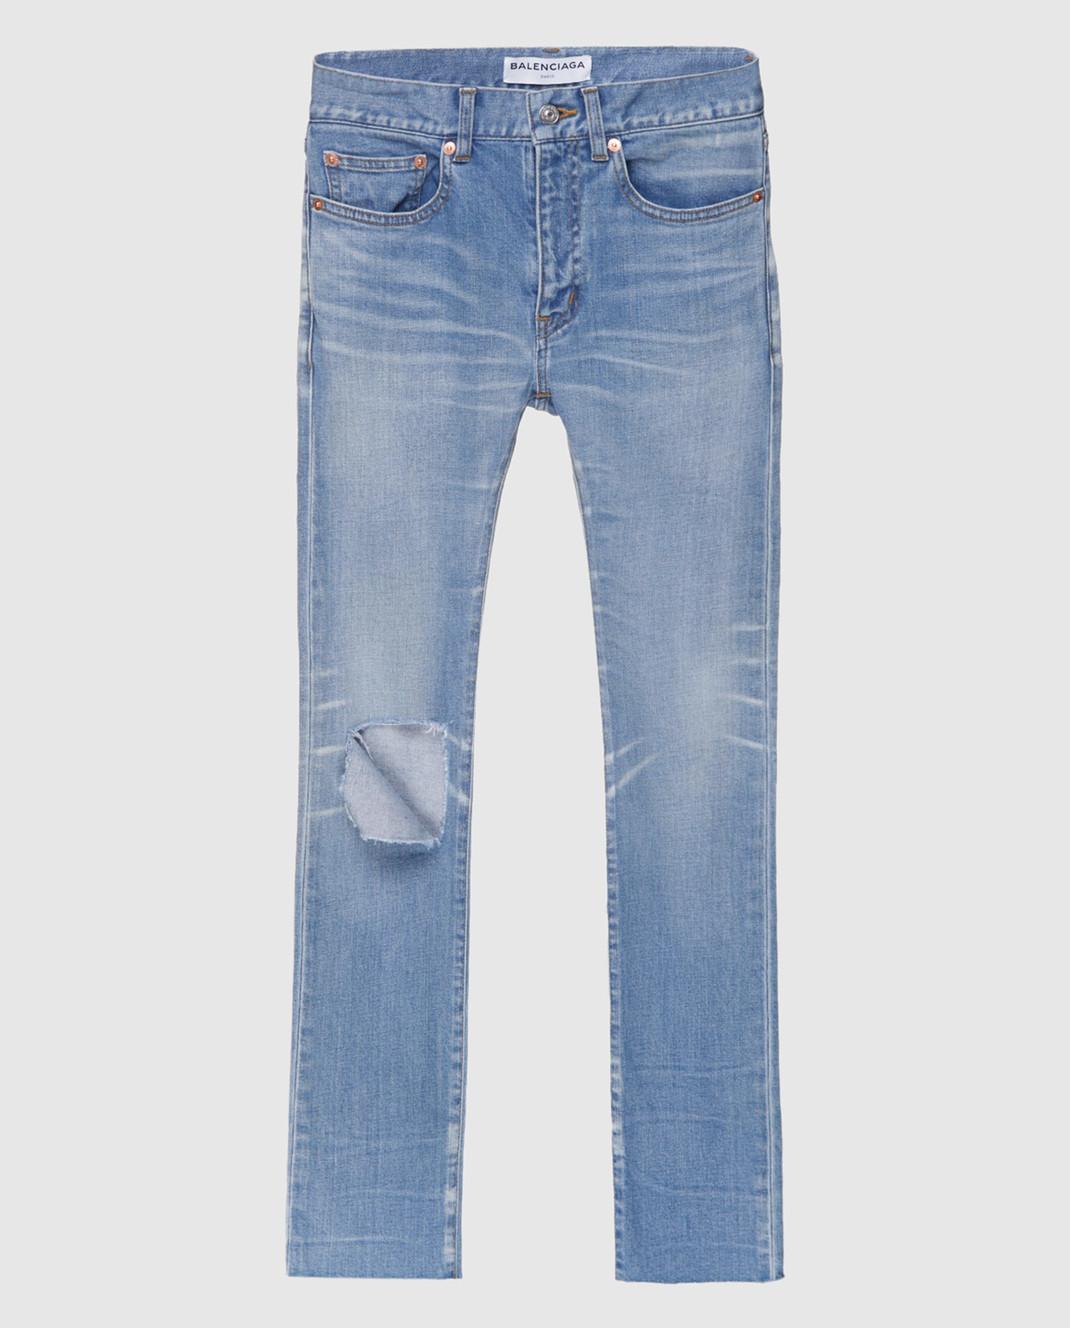 Голубые джинсы Balenciaga 493467TXE09 — Symbol